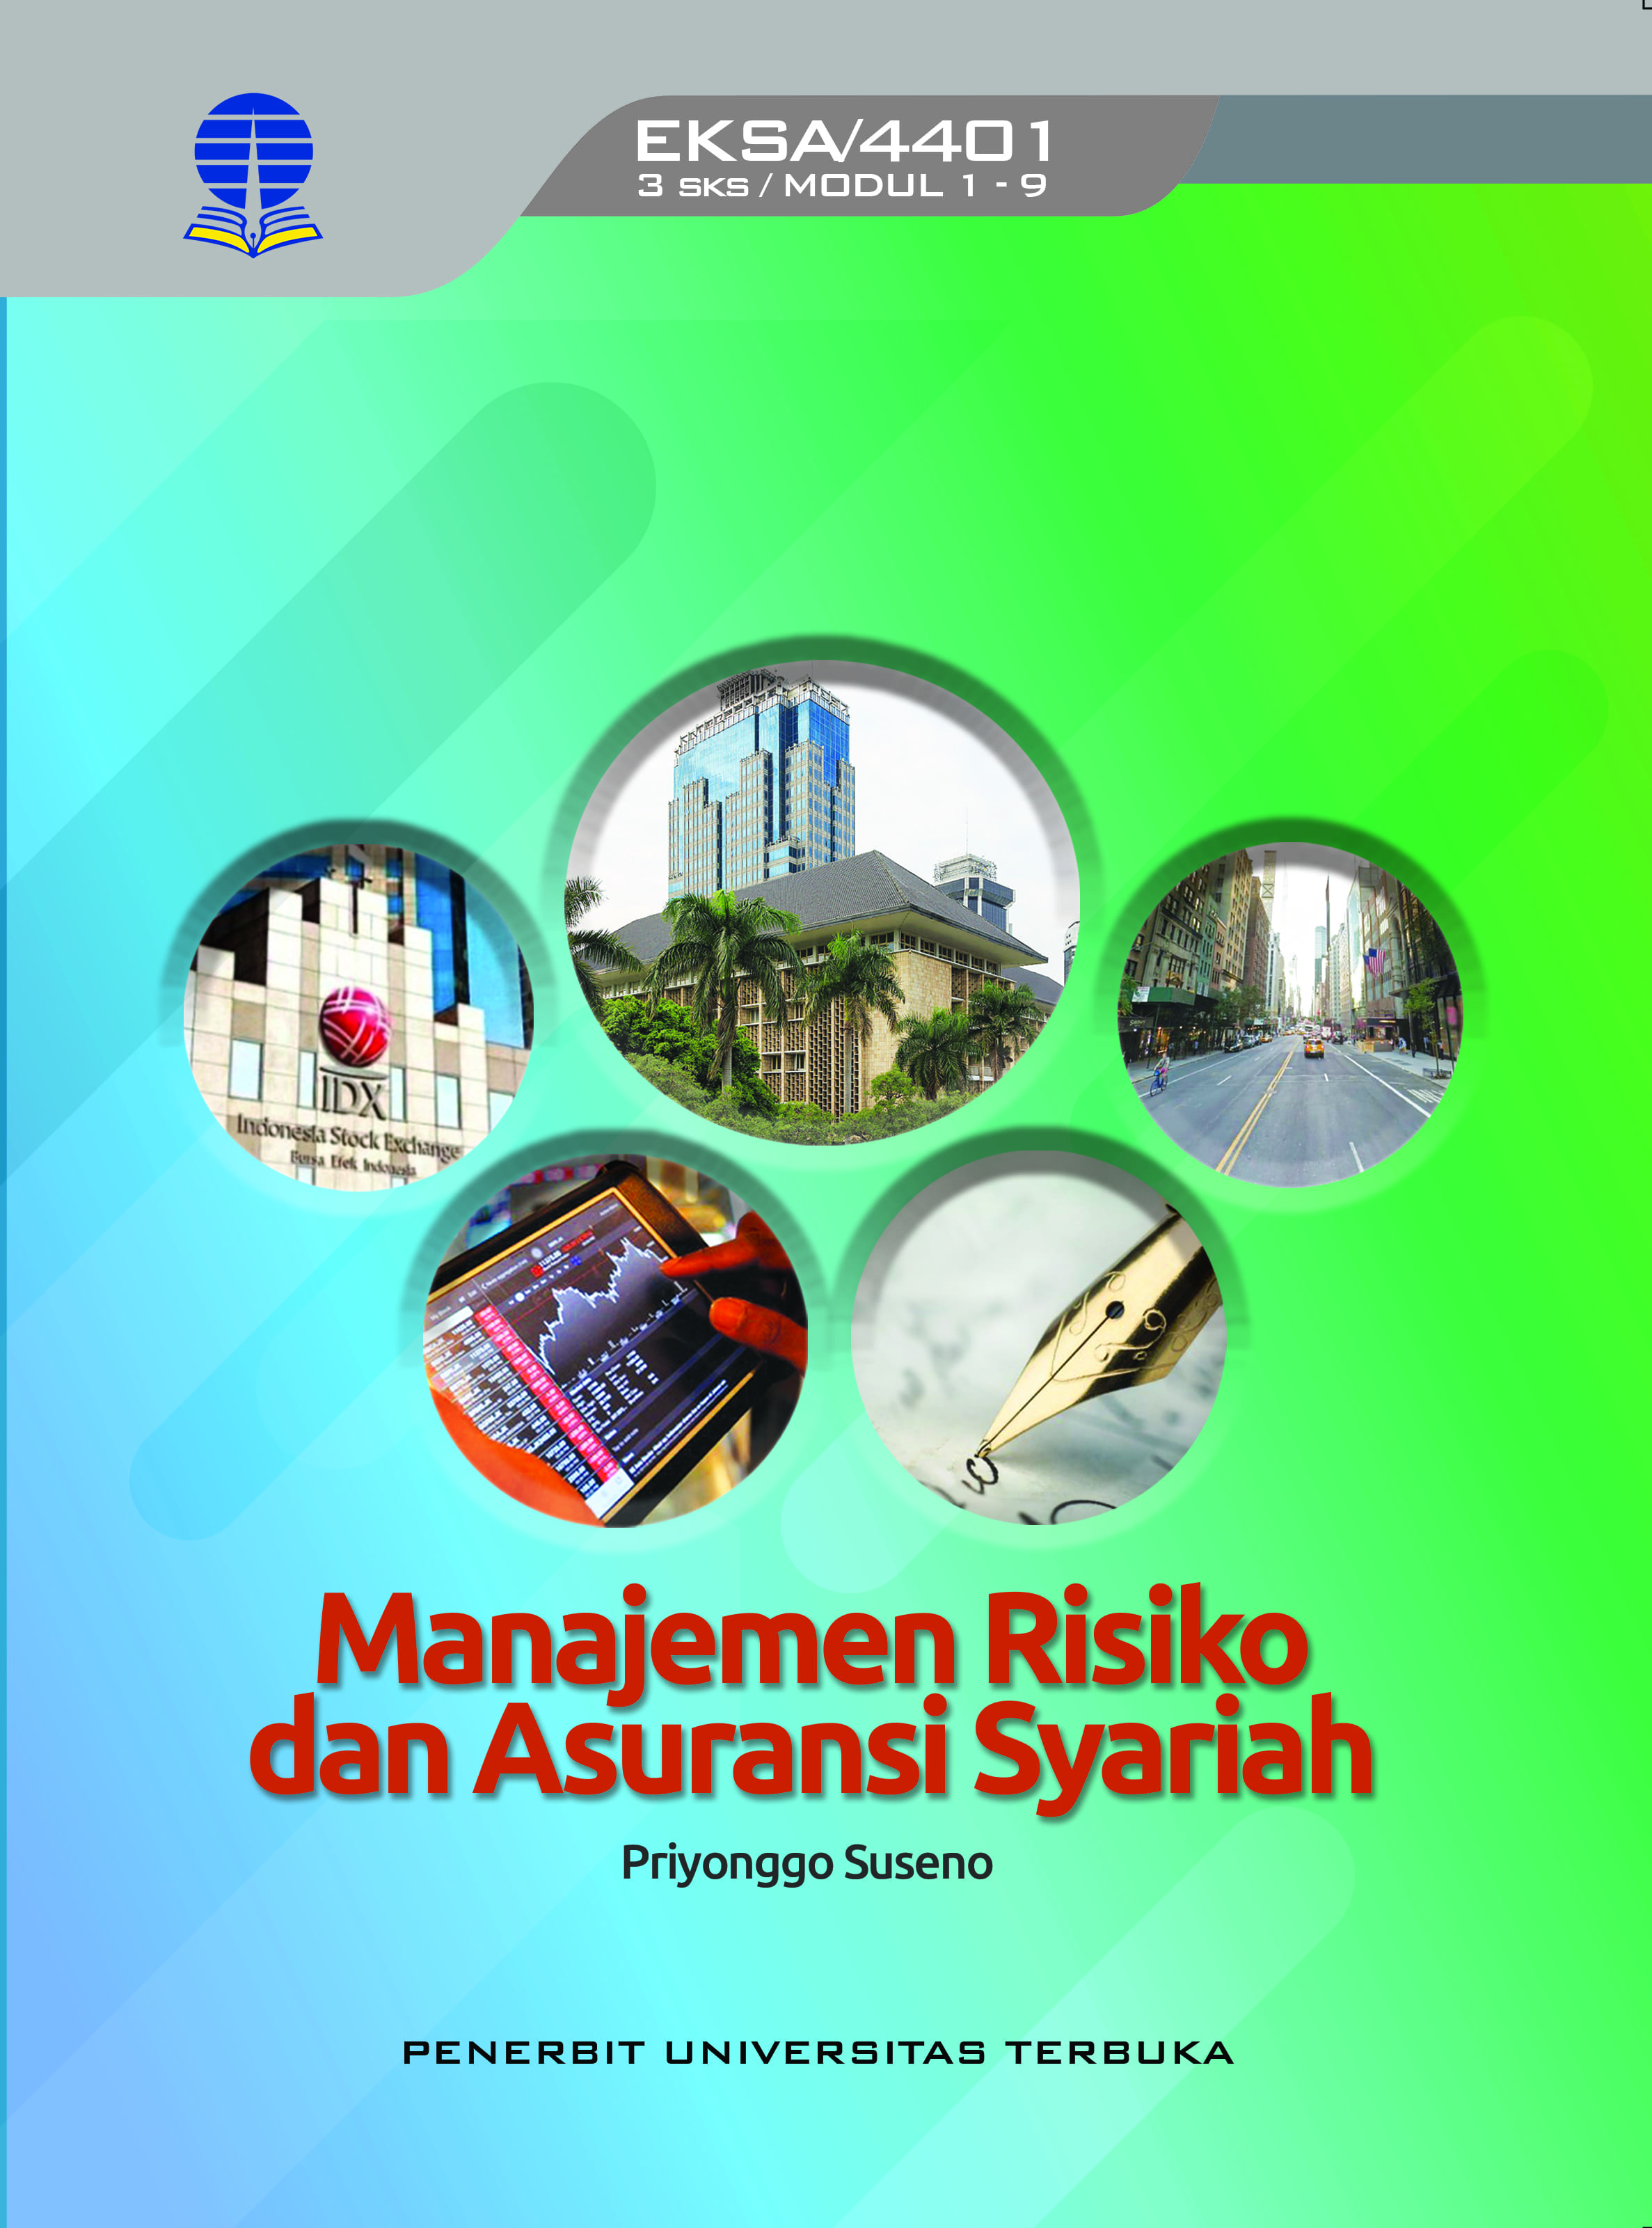 Manajemen resiko dan asuransi syariah [sumber elektronis]